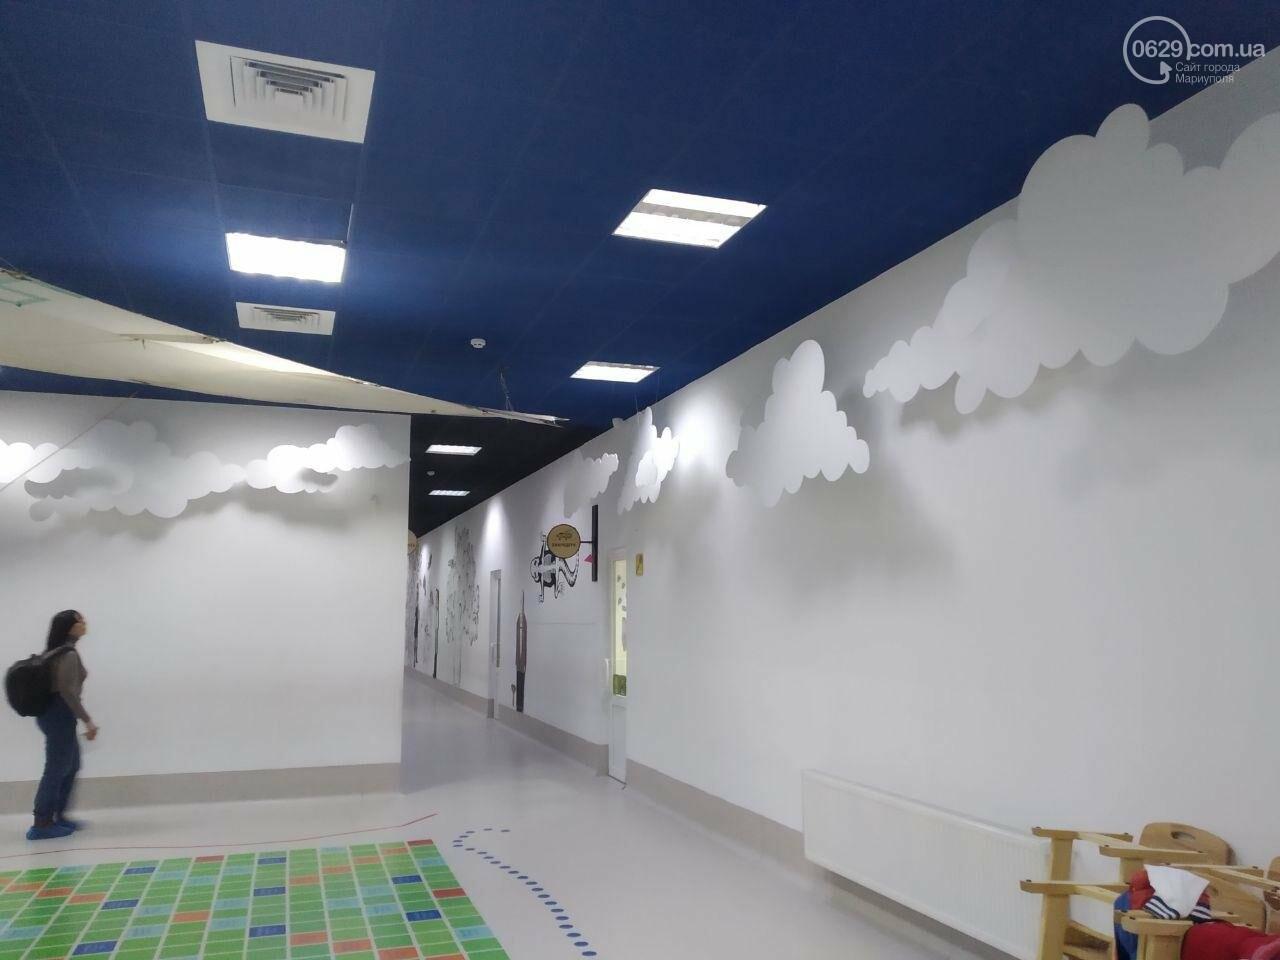 Школа, которую придумали родители, - ФОТО, фото-22